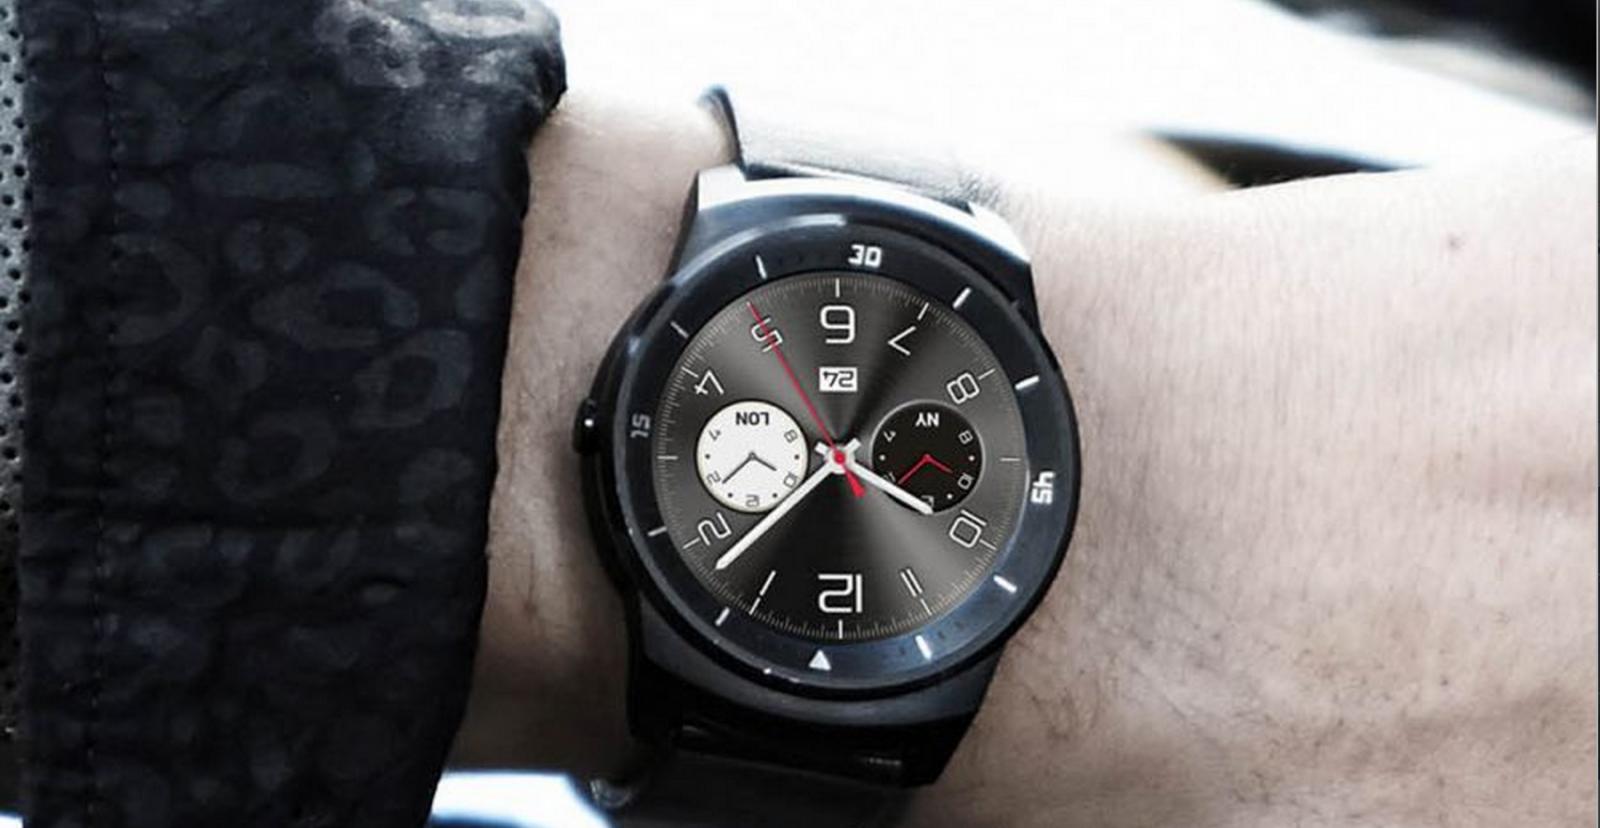 Best Smartwatches 2014 - LG G Watch R